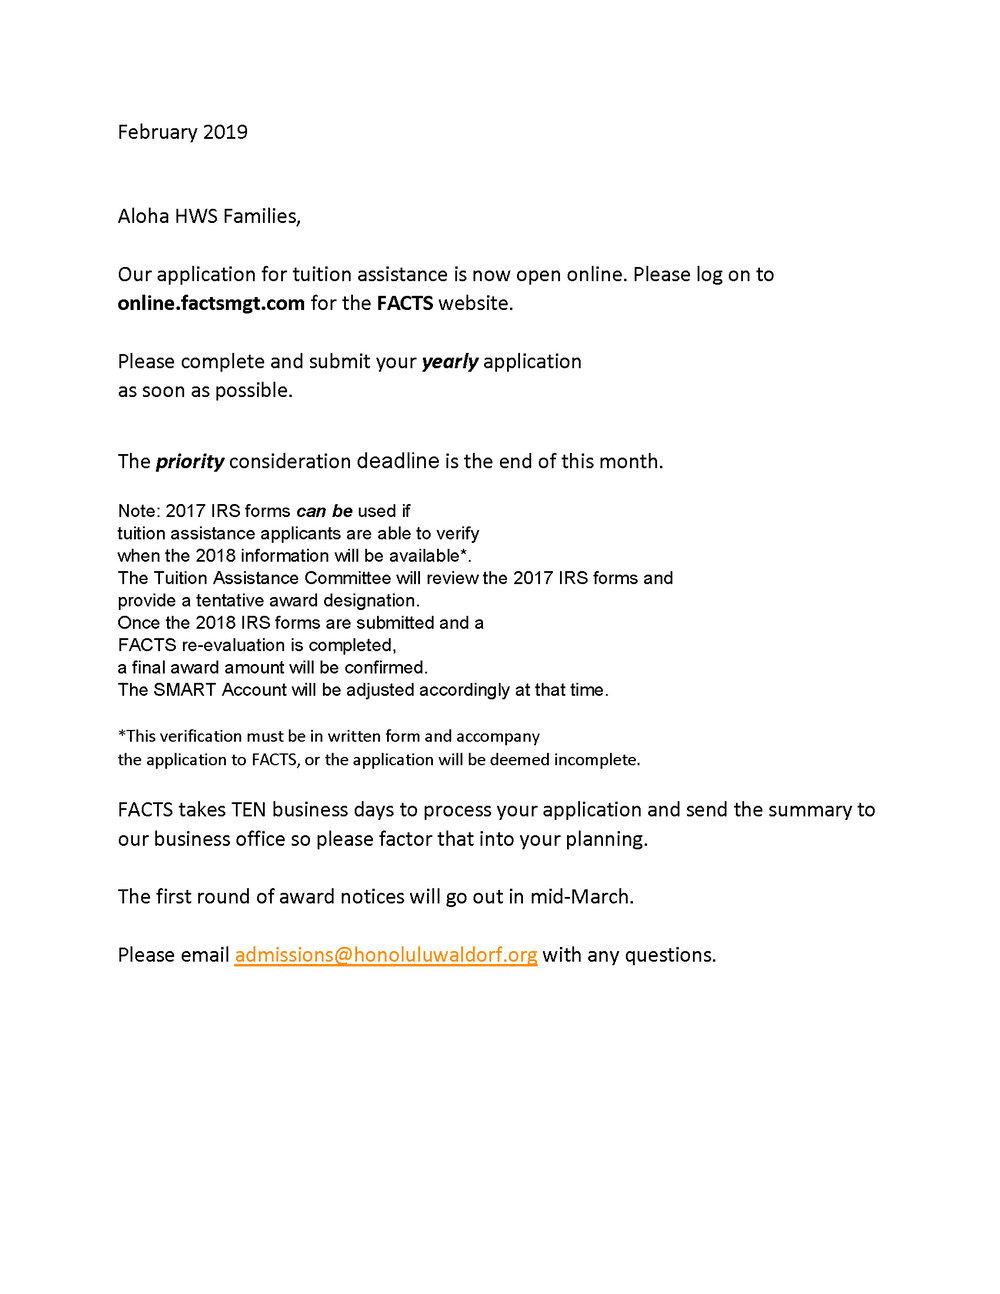 February 2019 TA Letter for enews.jpg